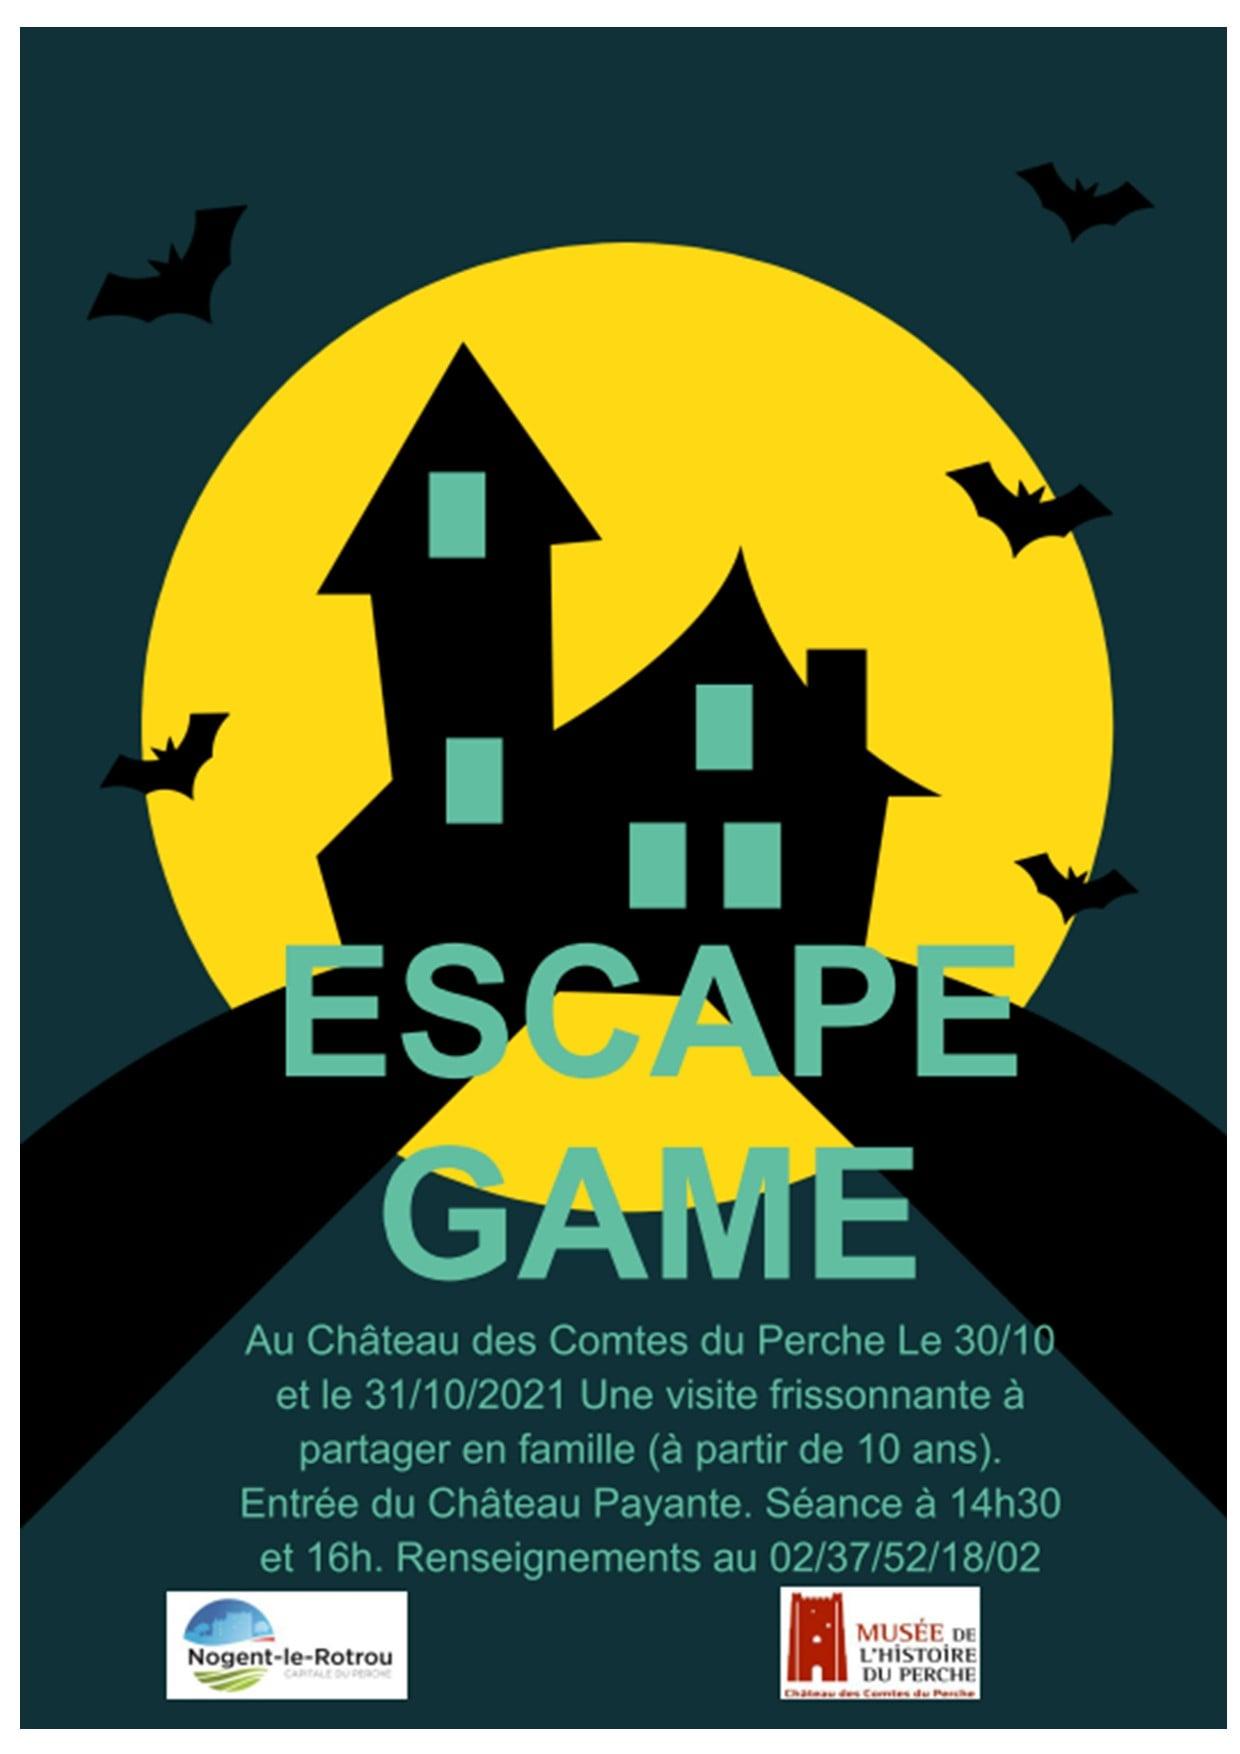 Escape Game au château Nogent-le-Rotrou